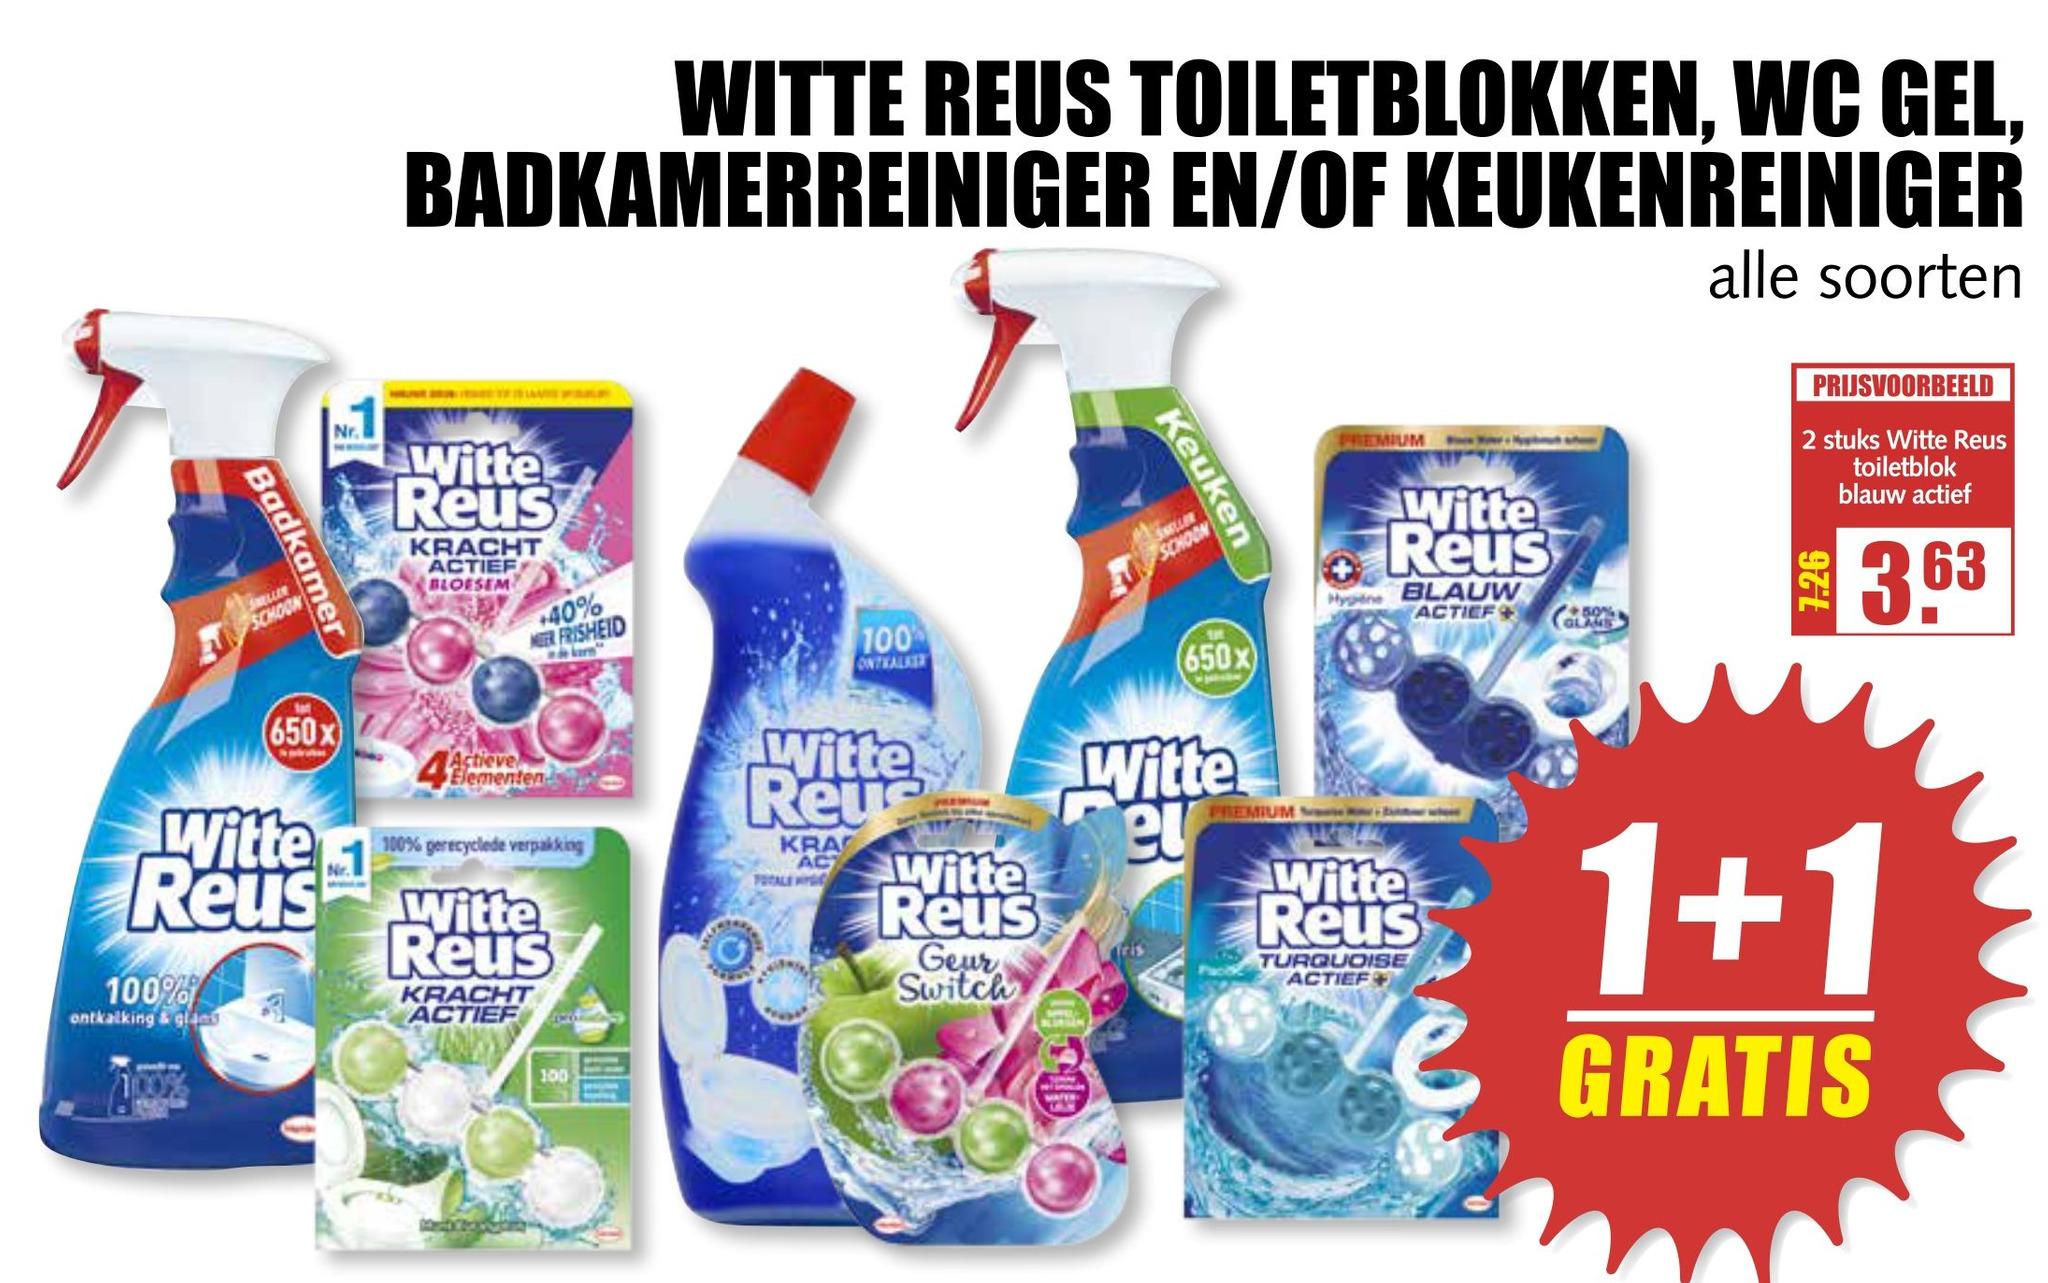 Witte Reus Toiletblokken Wc Gel Badkamerreiniger En Of Keukenreiniger Aanbieding Bij Mcd Supermarkt